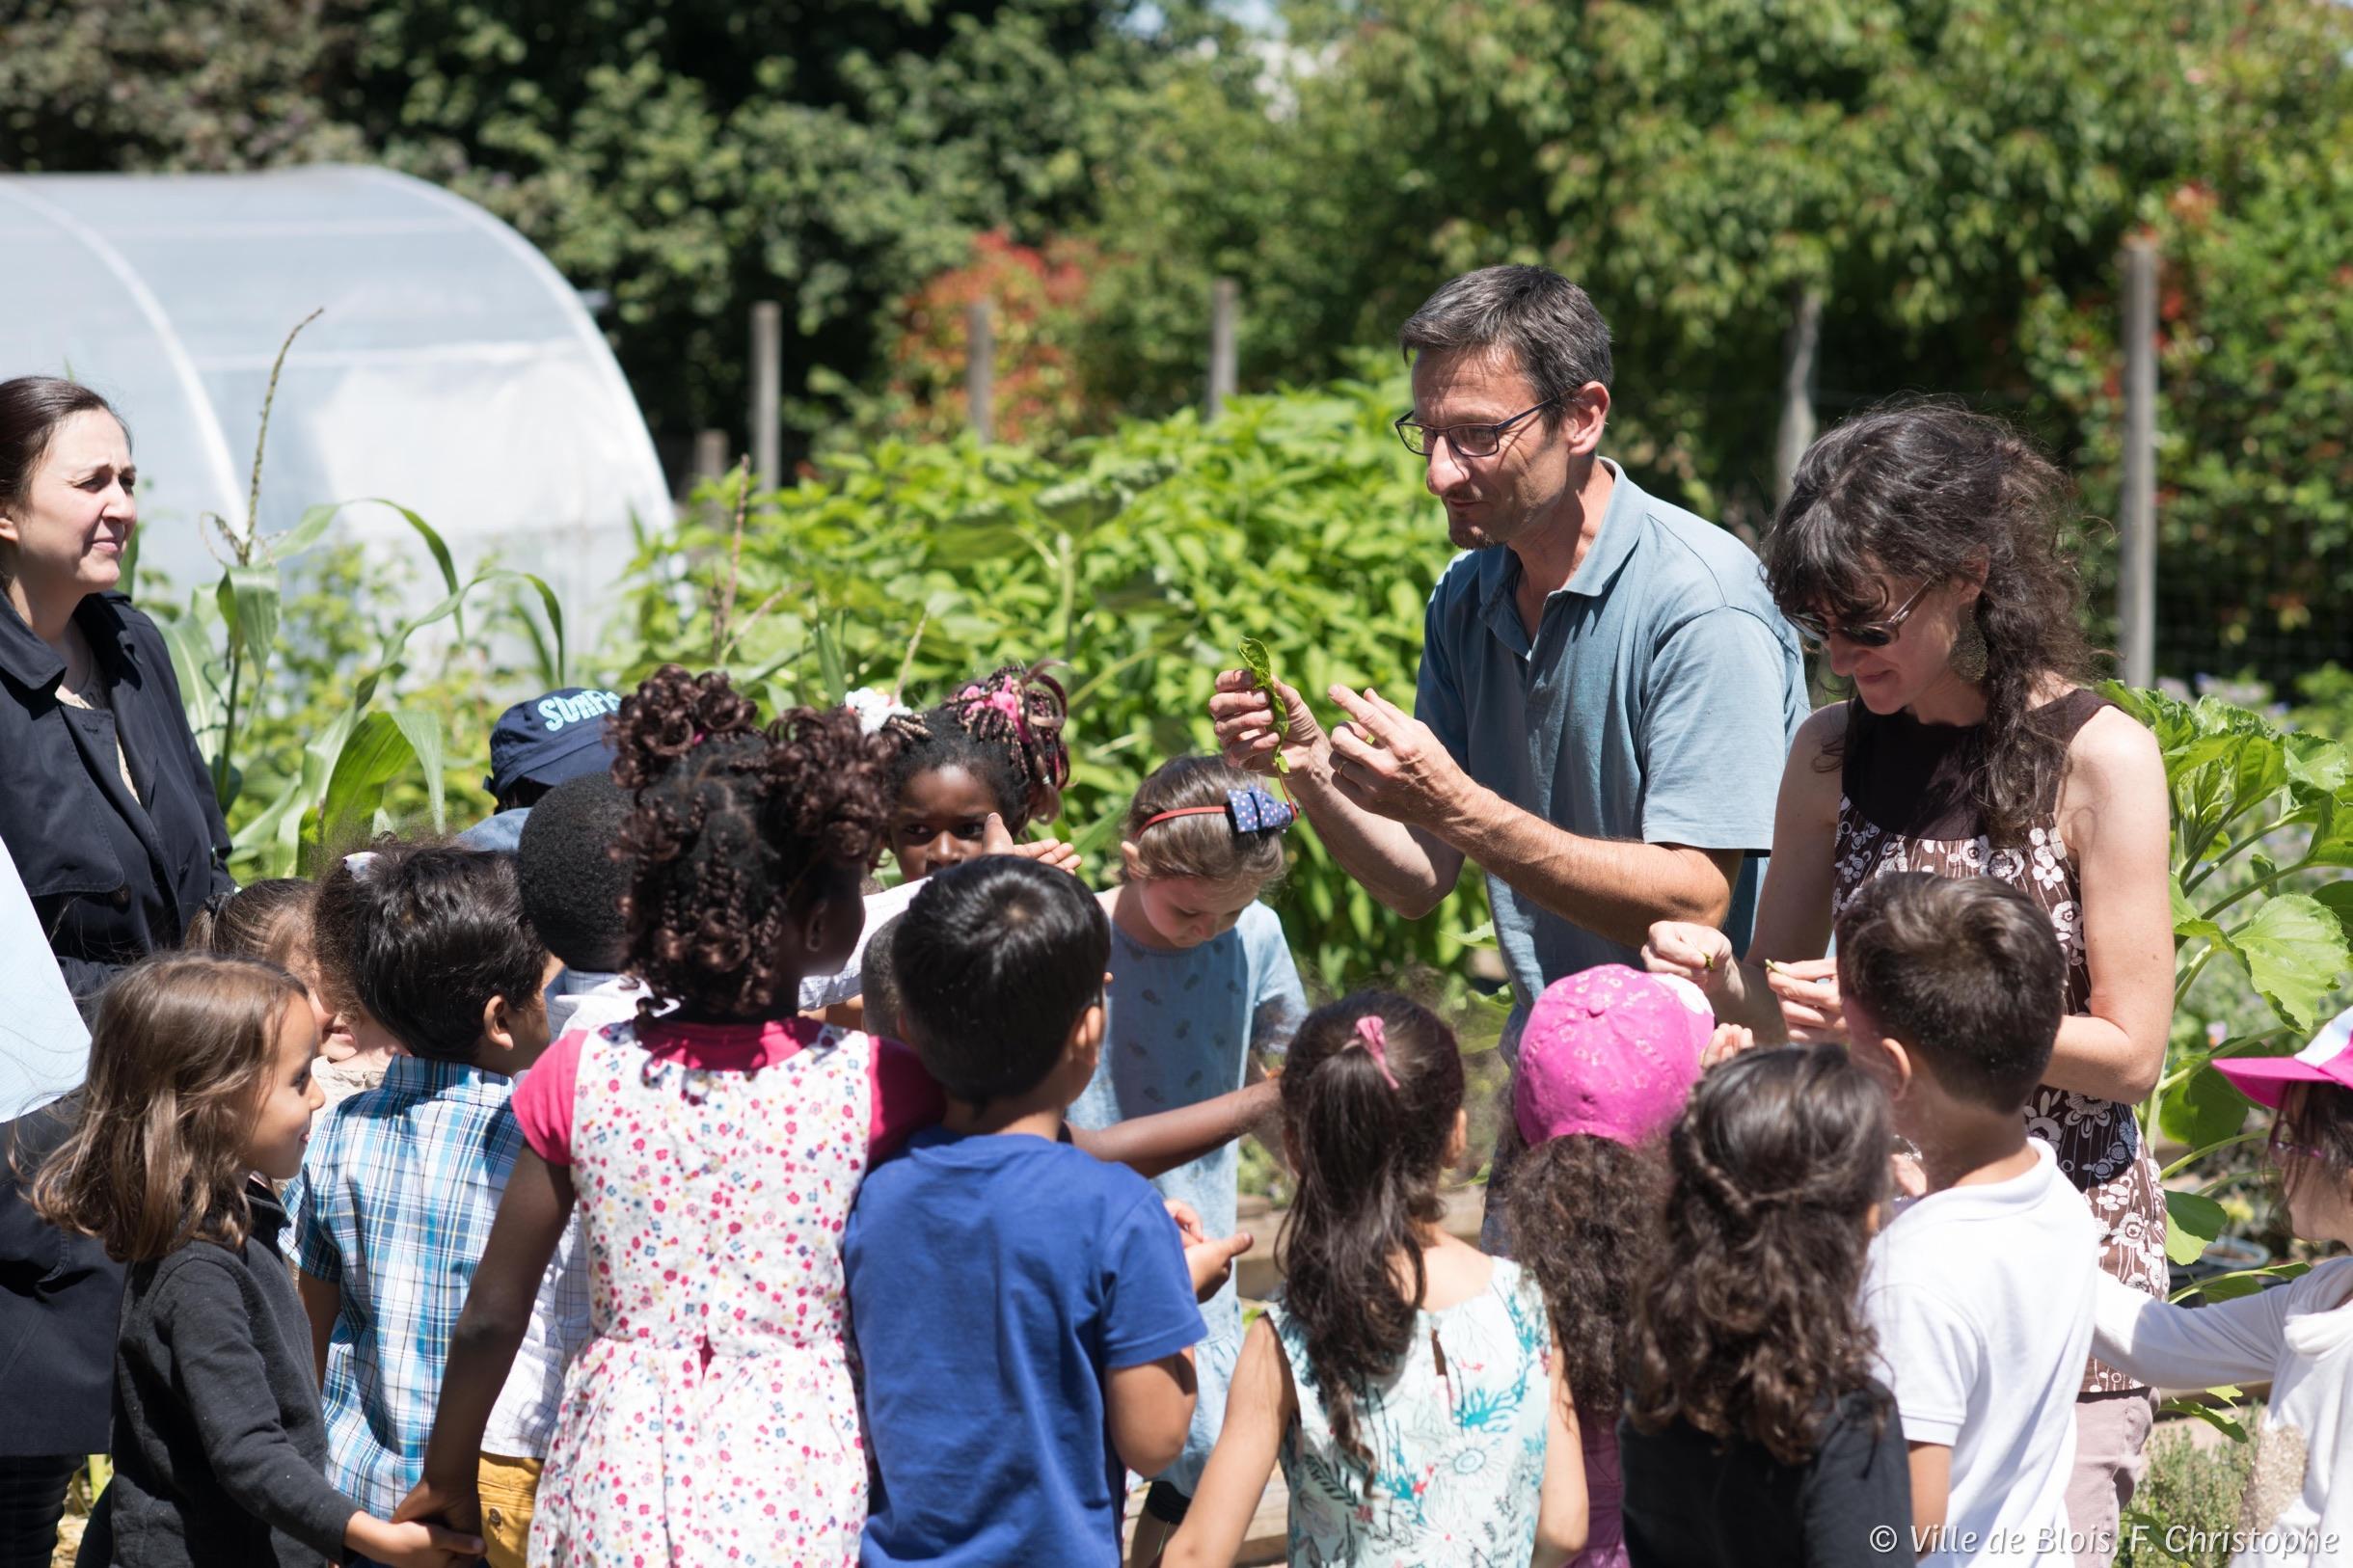 Un groupe d'enfants en sortie scolaire découvre la ferme de Brisebarre.